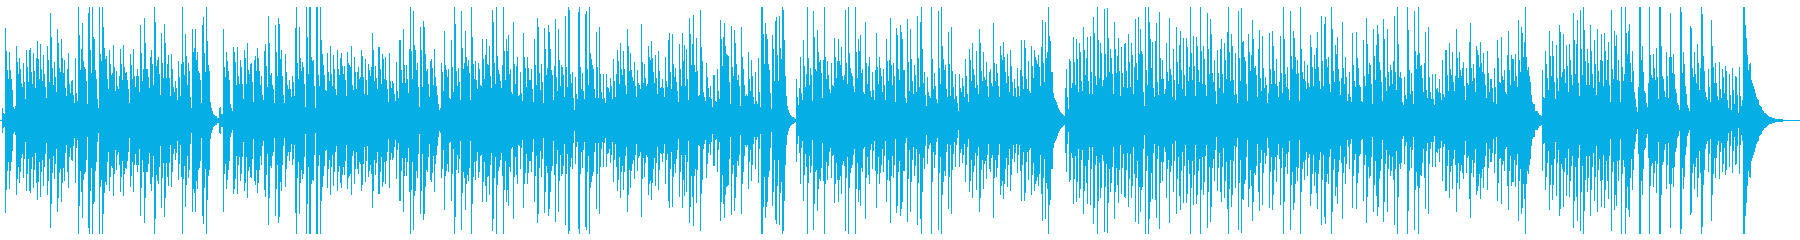 「椿姫 乾杯の歌」ウクレレカバーの再生済みの波形